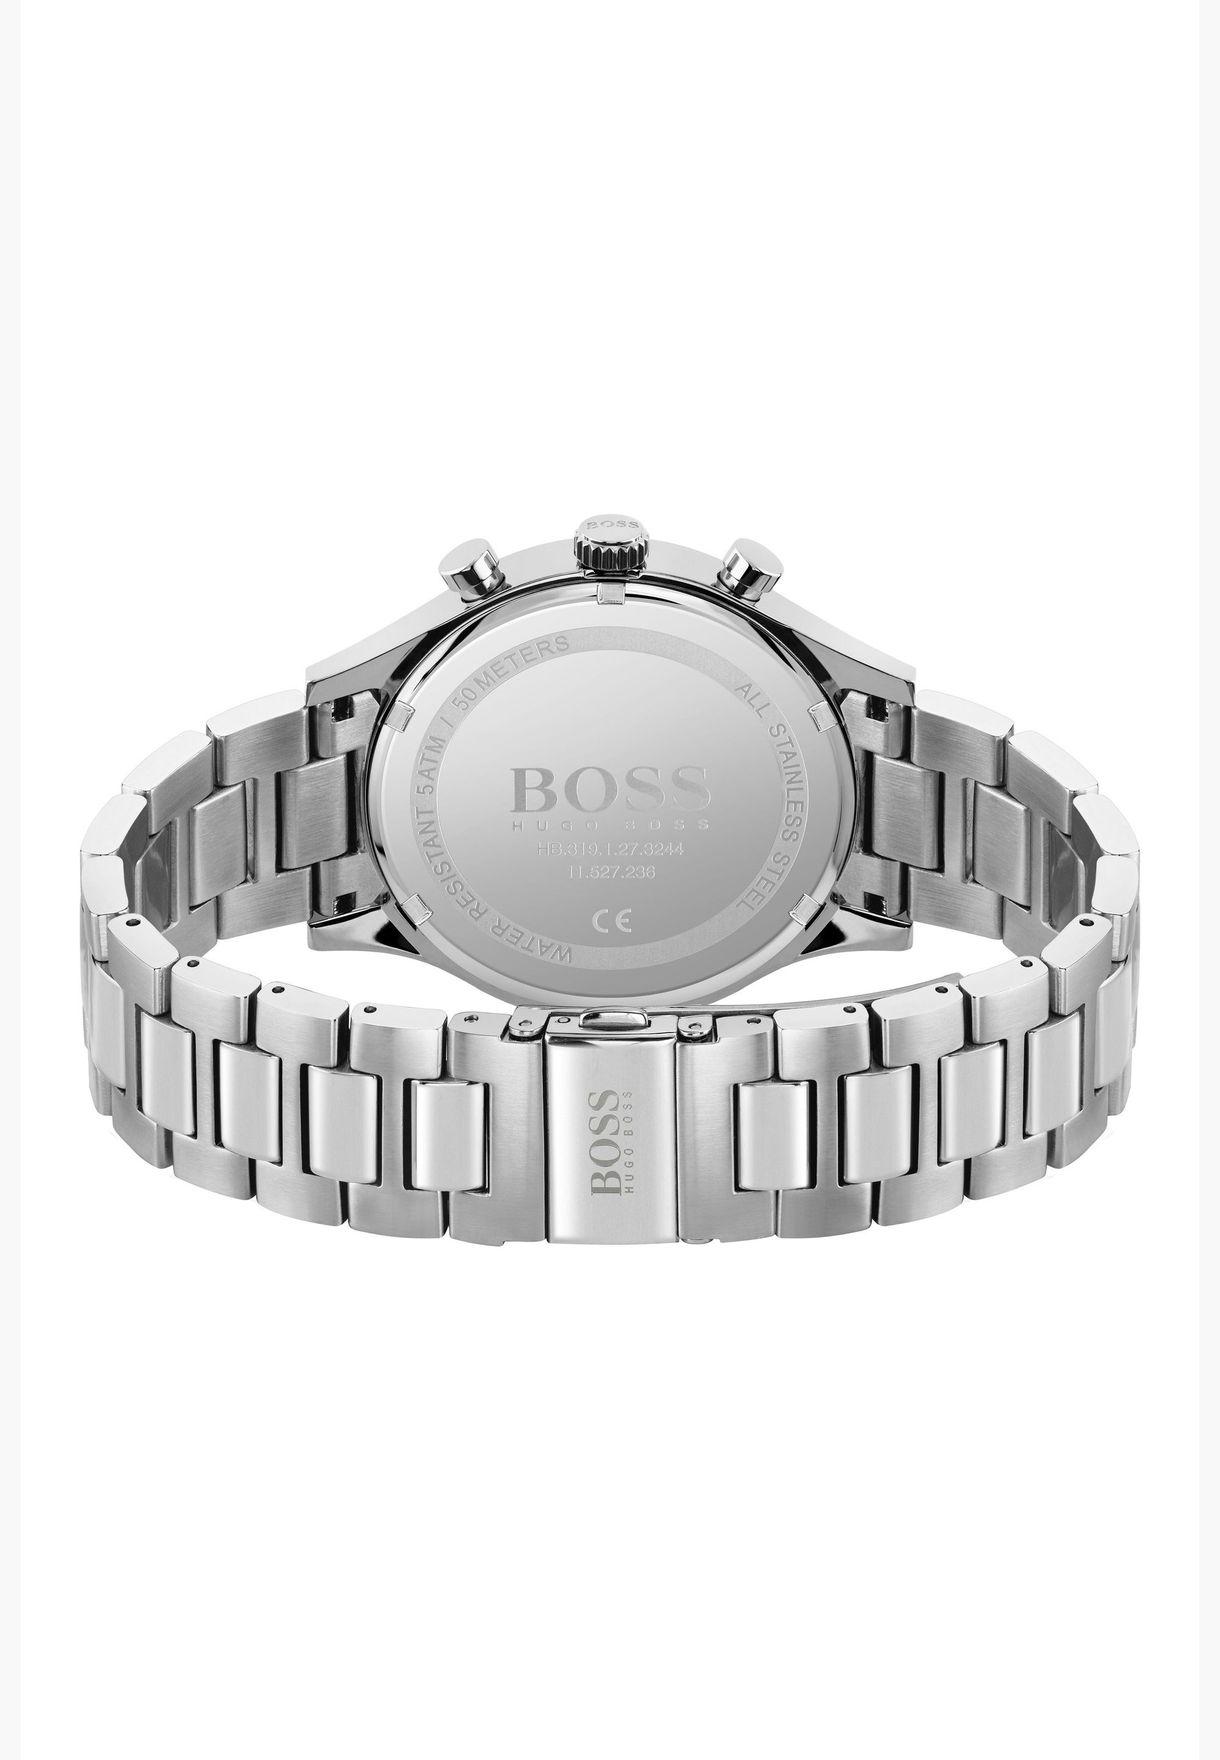 هوغو بوس ساعة ميترونوم من الستانلس ستيل للرجال - 1513801